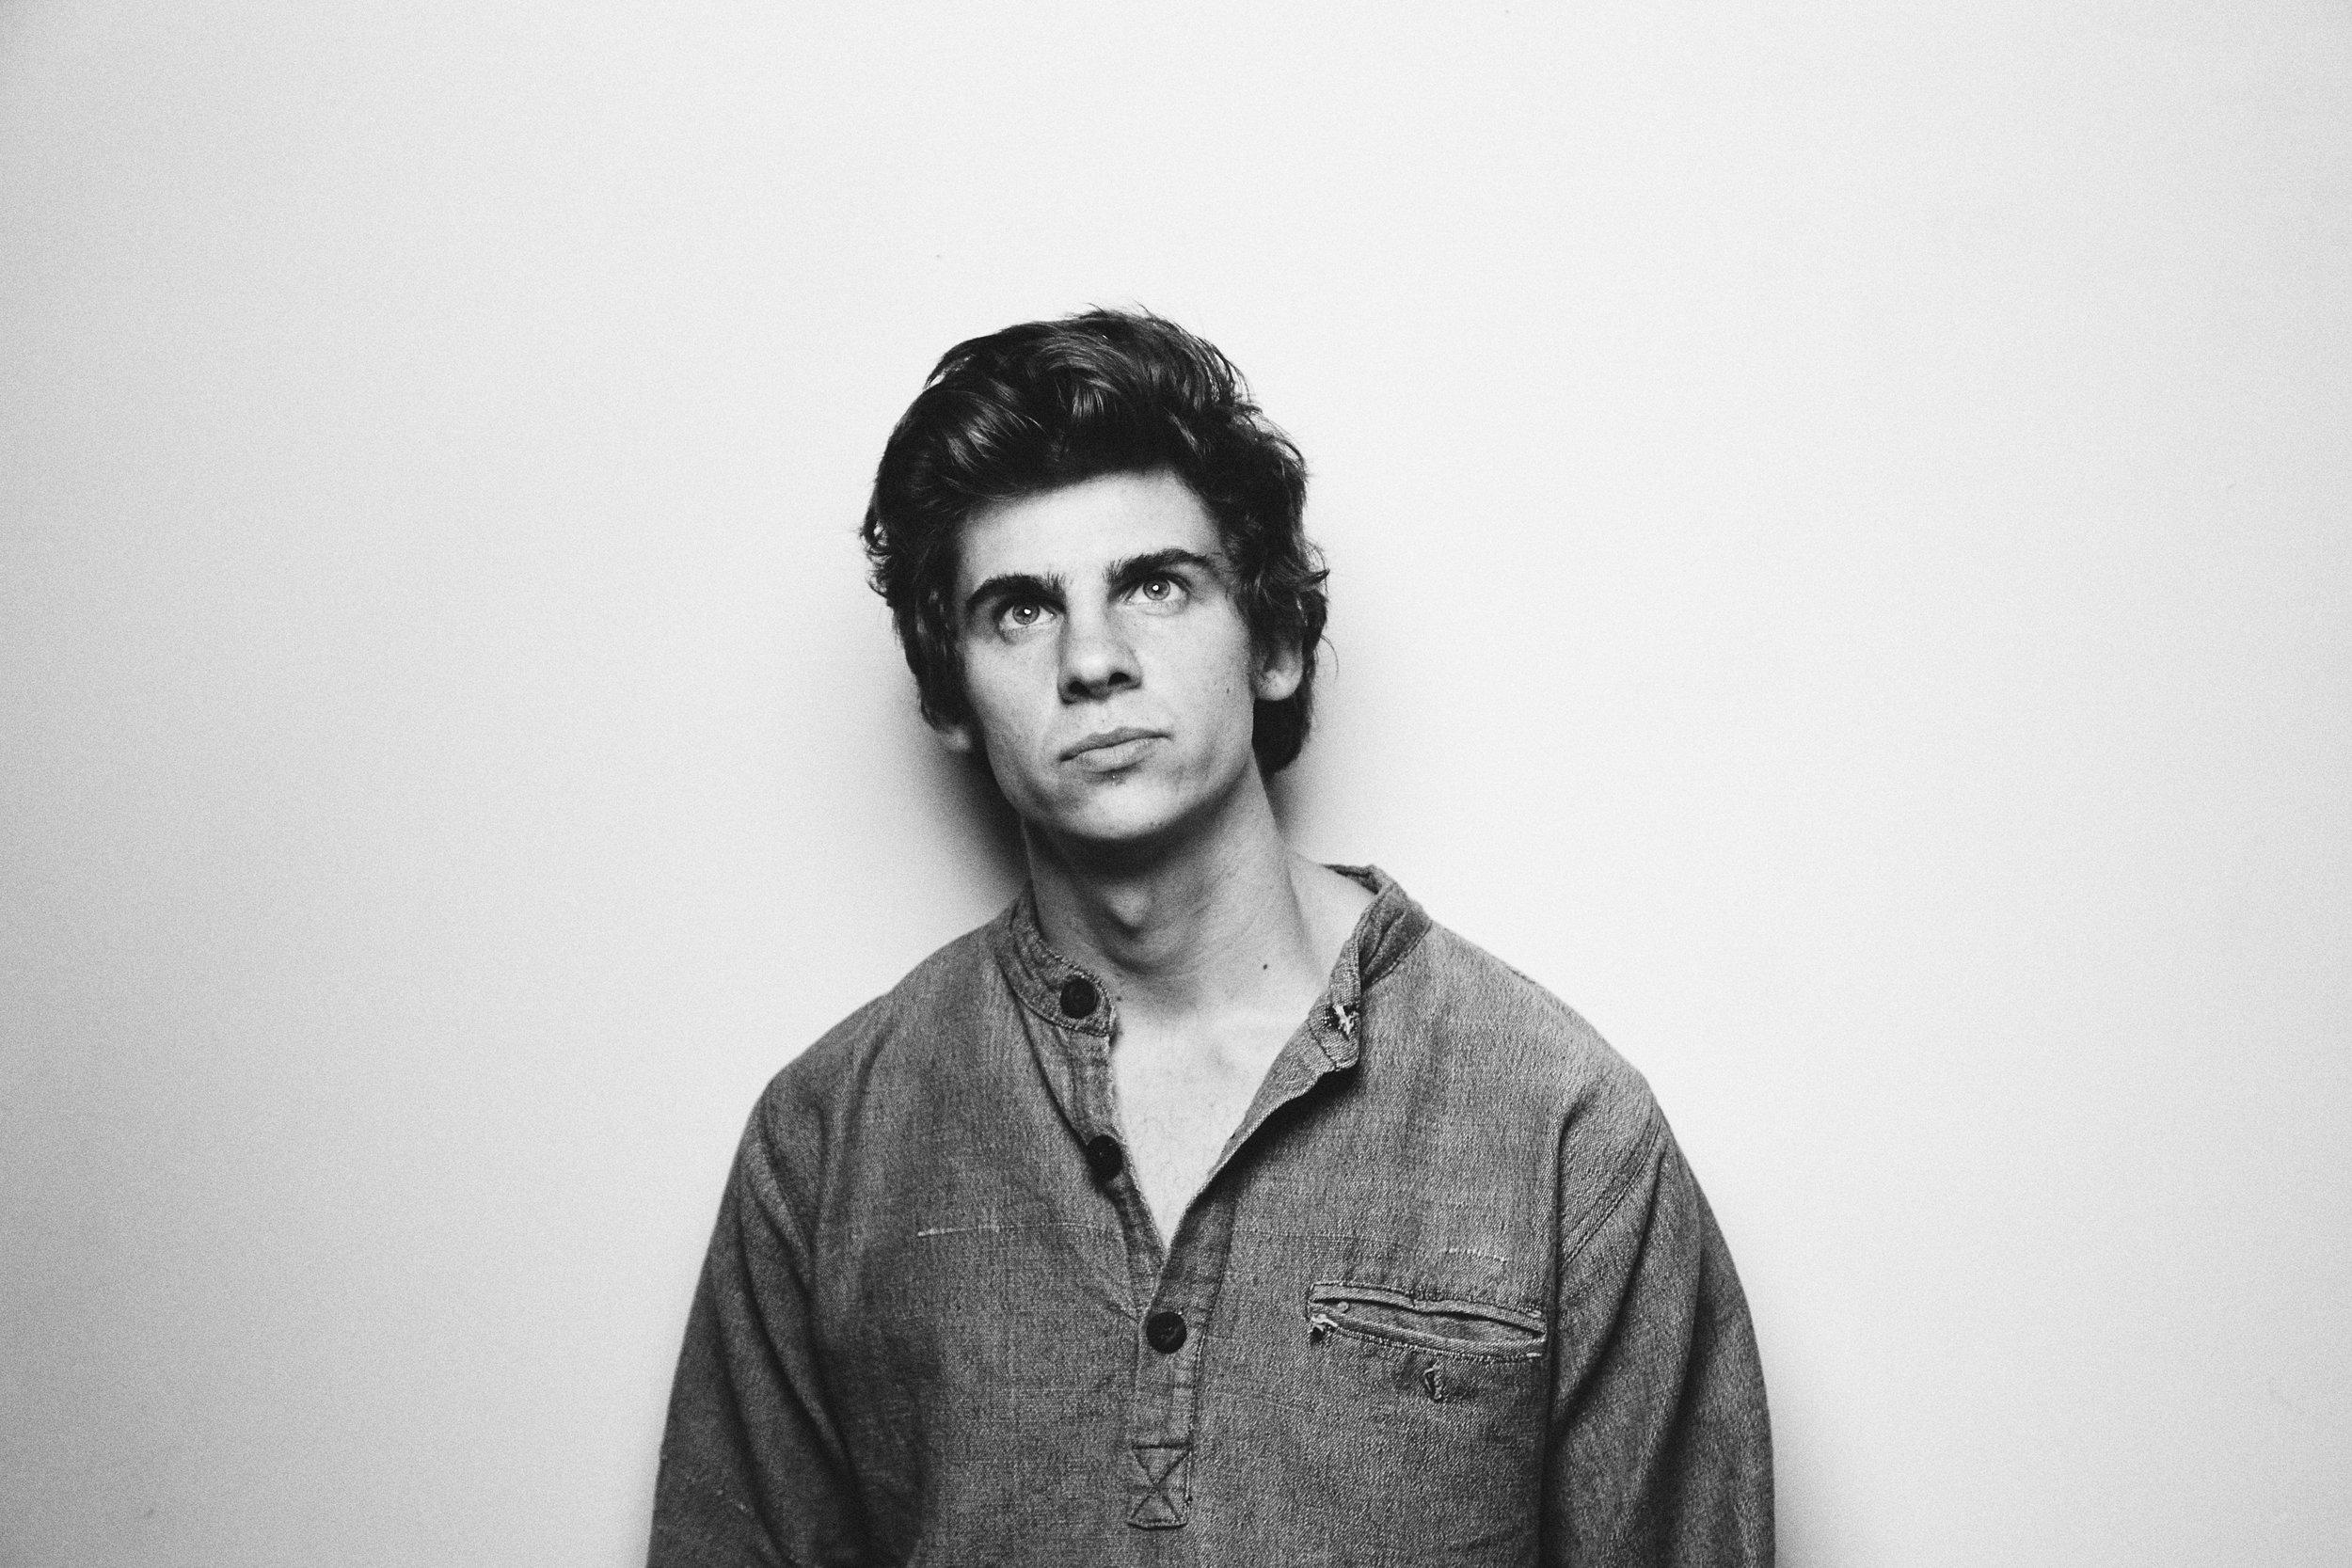 Male Guitarist Studio Portrait